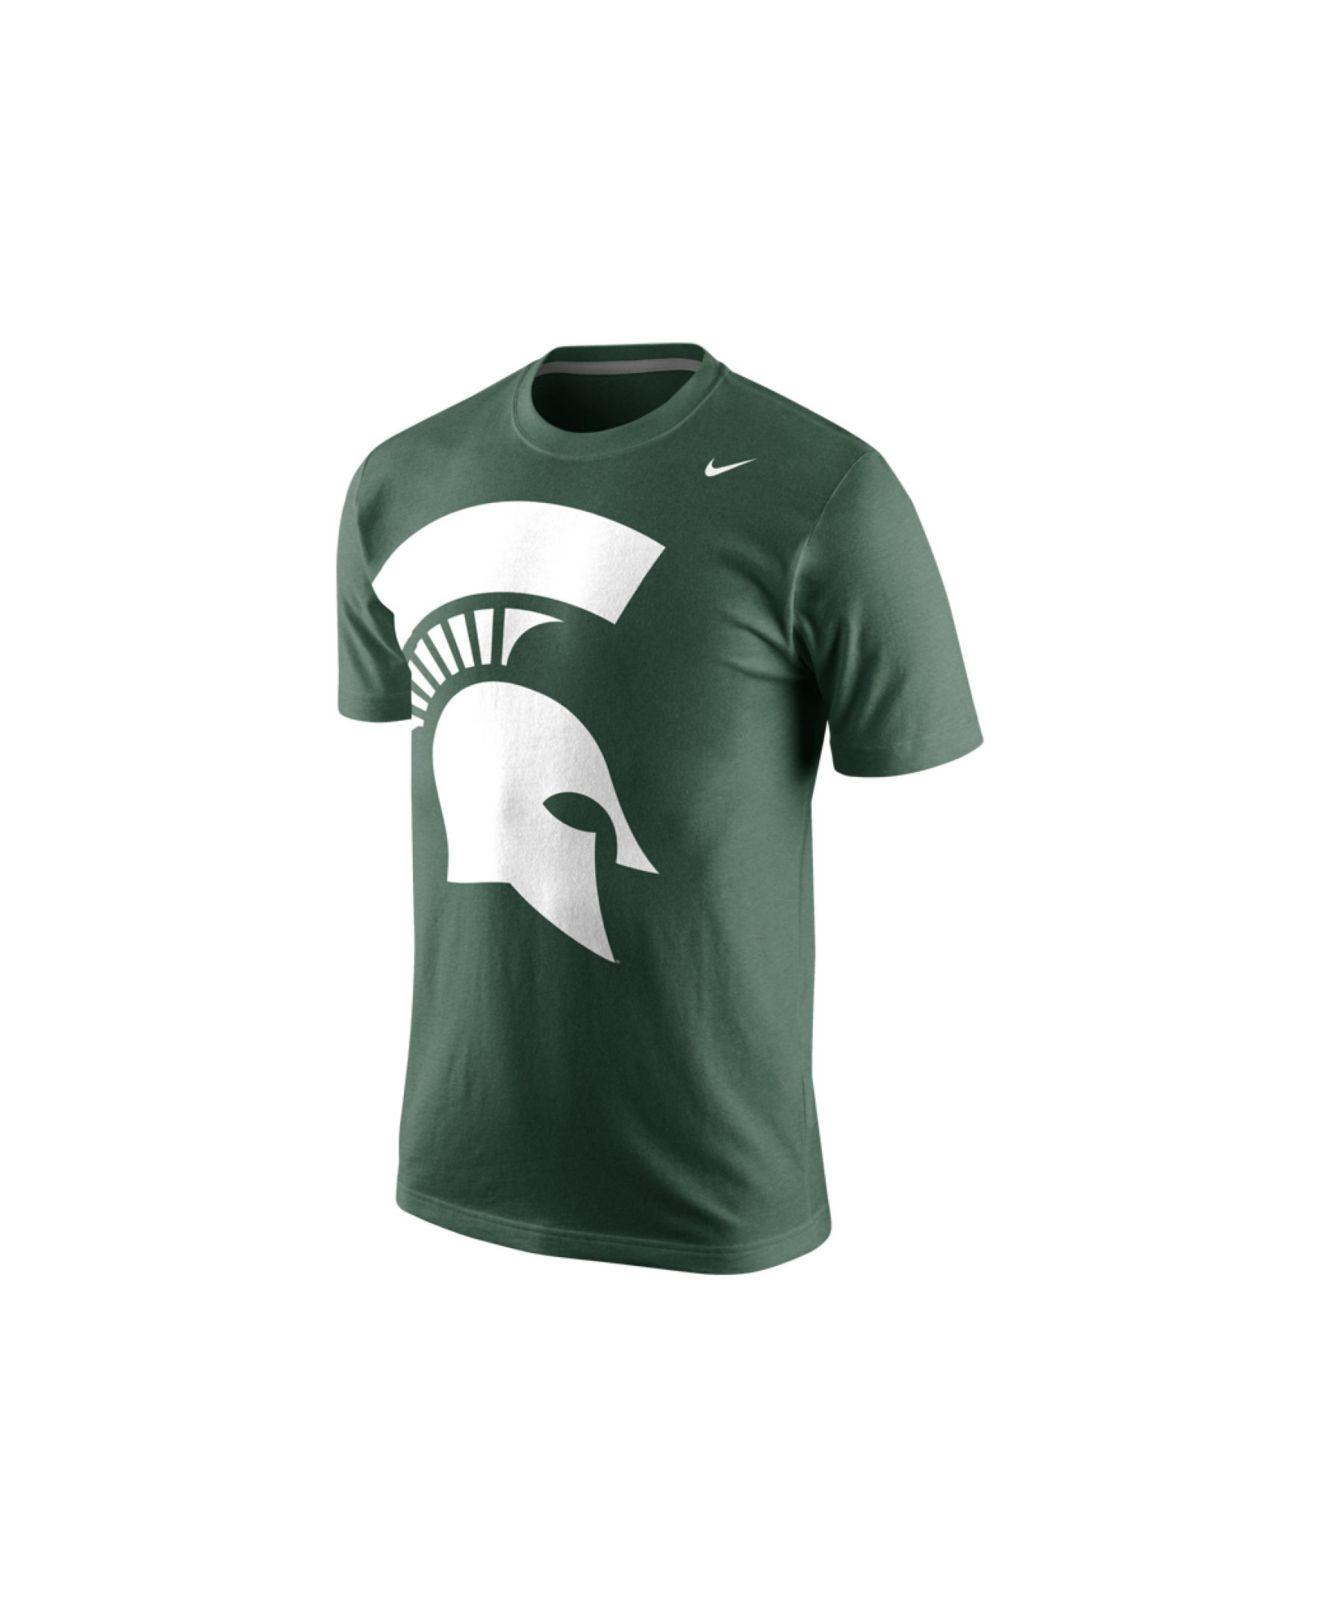 Nike men 39 s short sleeve michigan state spartans mascot t for Michigan state spartans t shirts